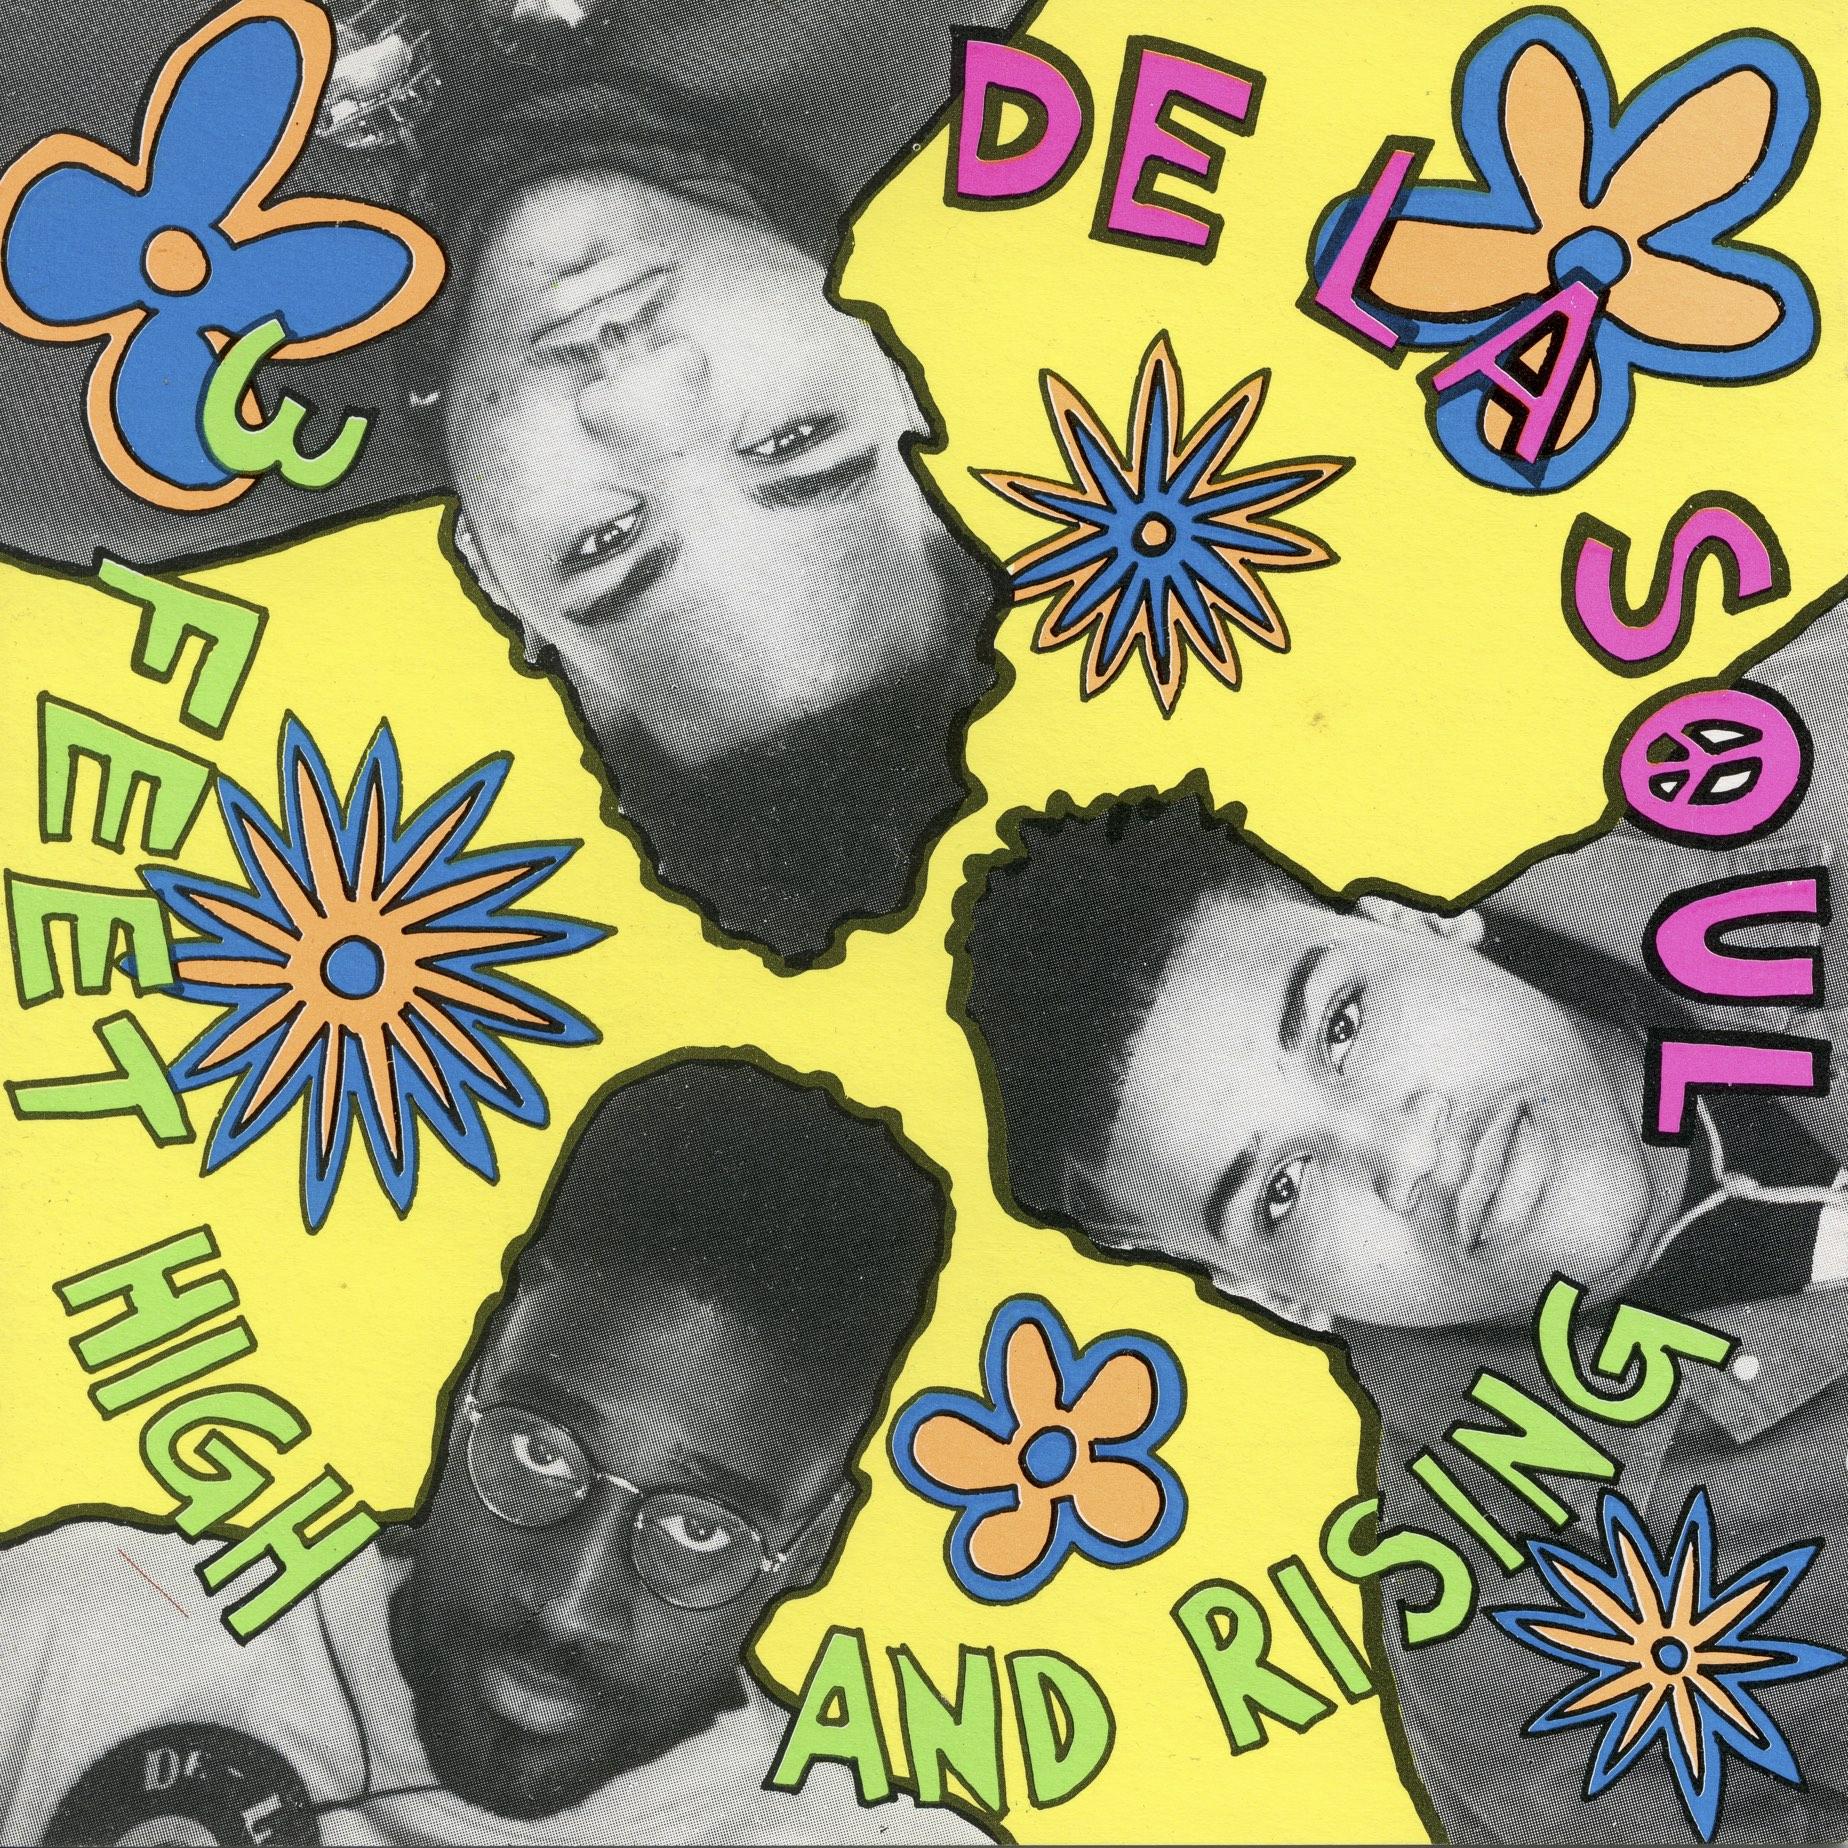 2000 - DeLaSoul